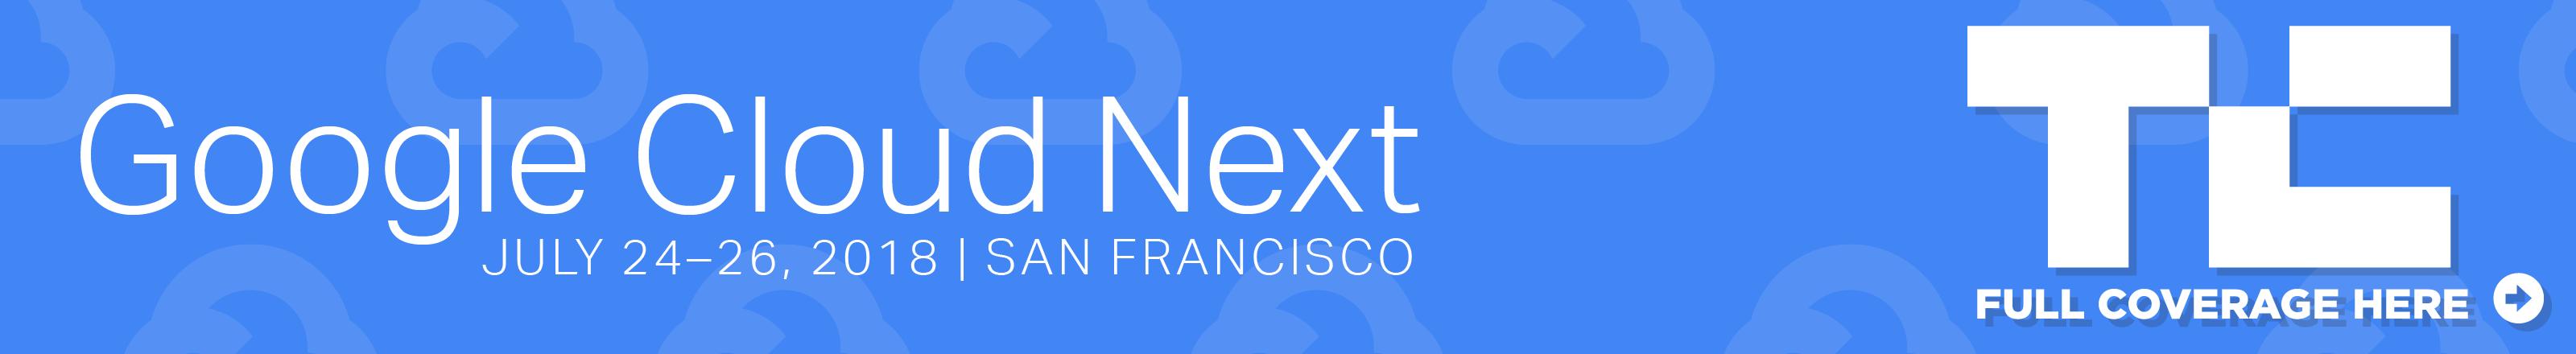 google cloud next 2018 banner 8